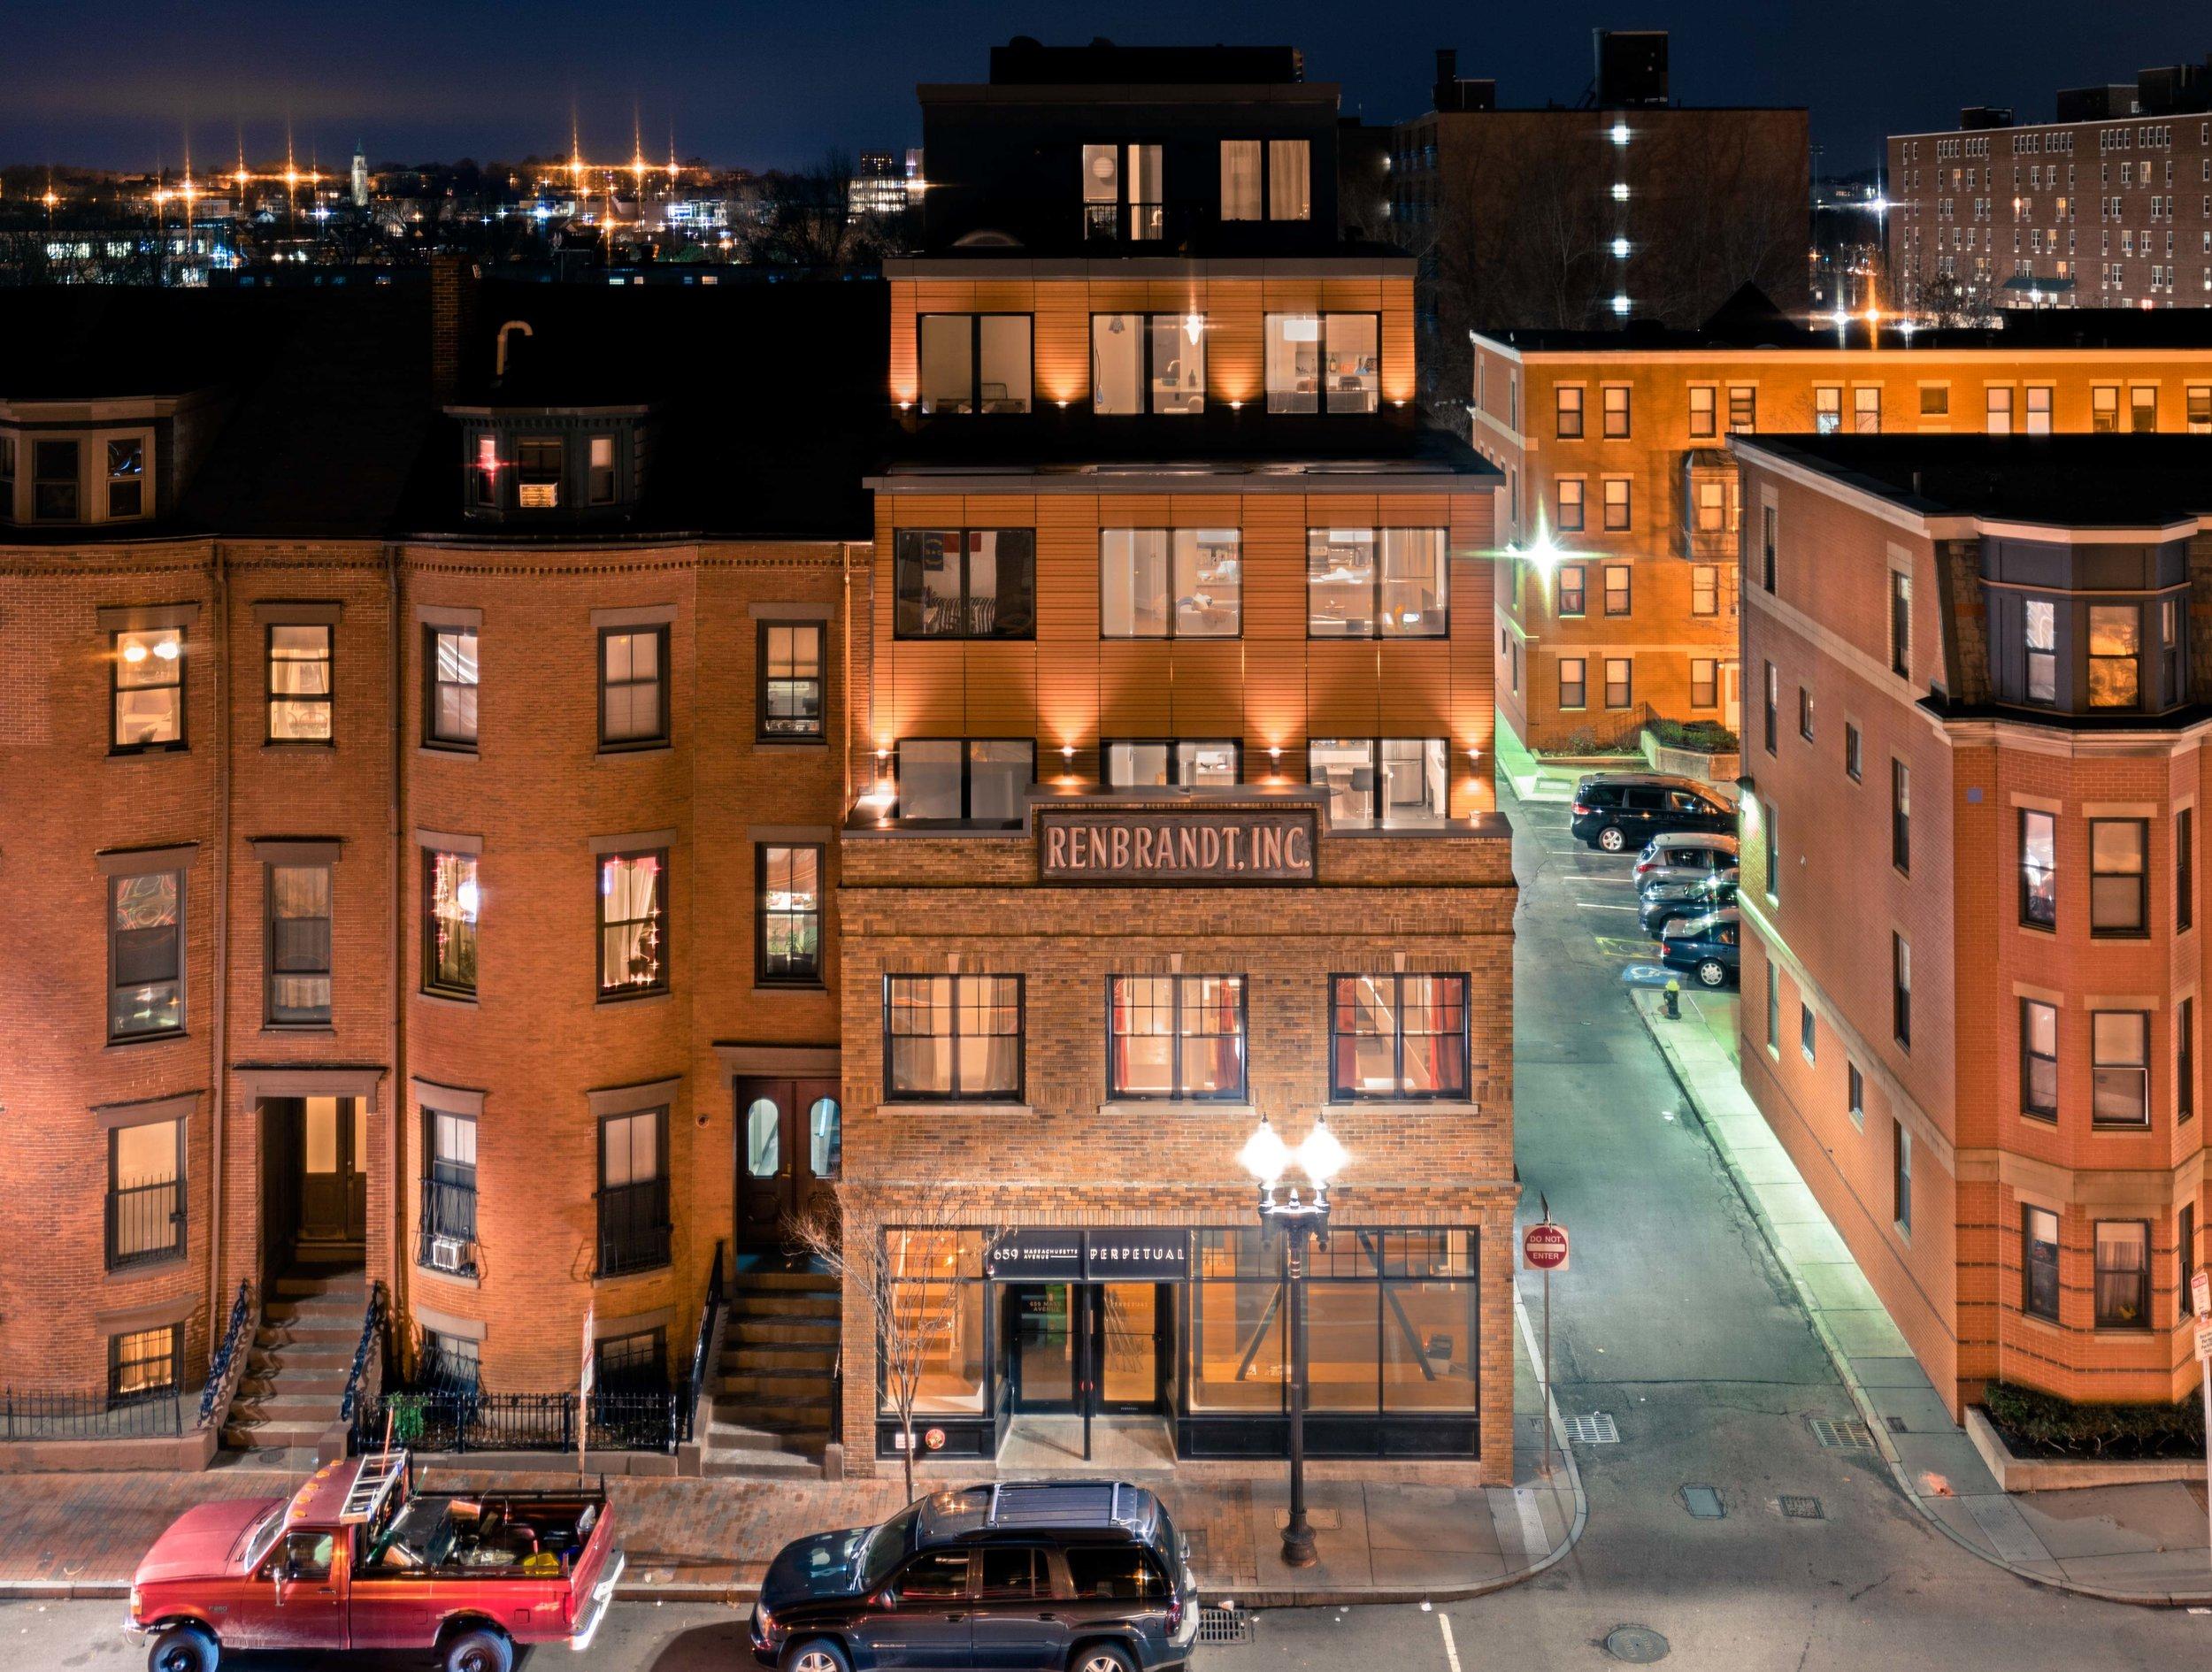 659 Mass Ave Night Shot.jpg